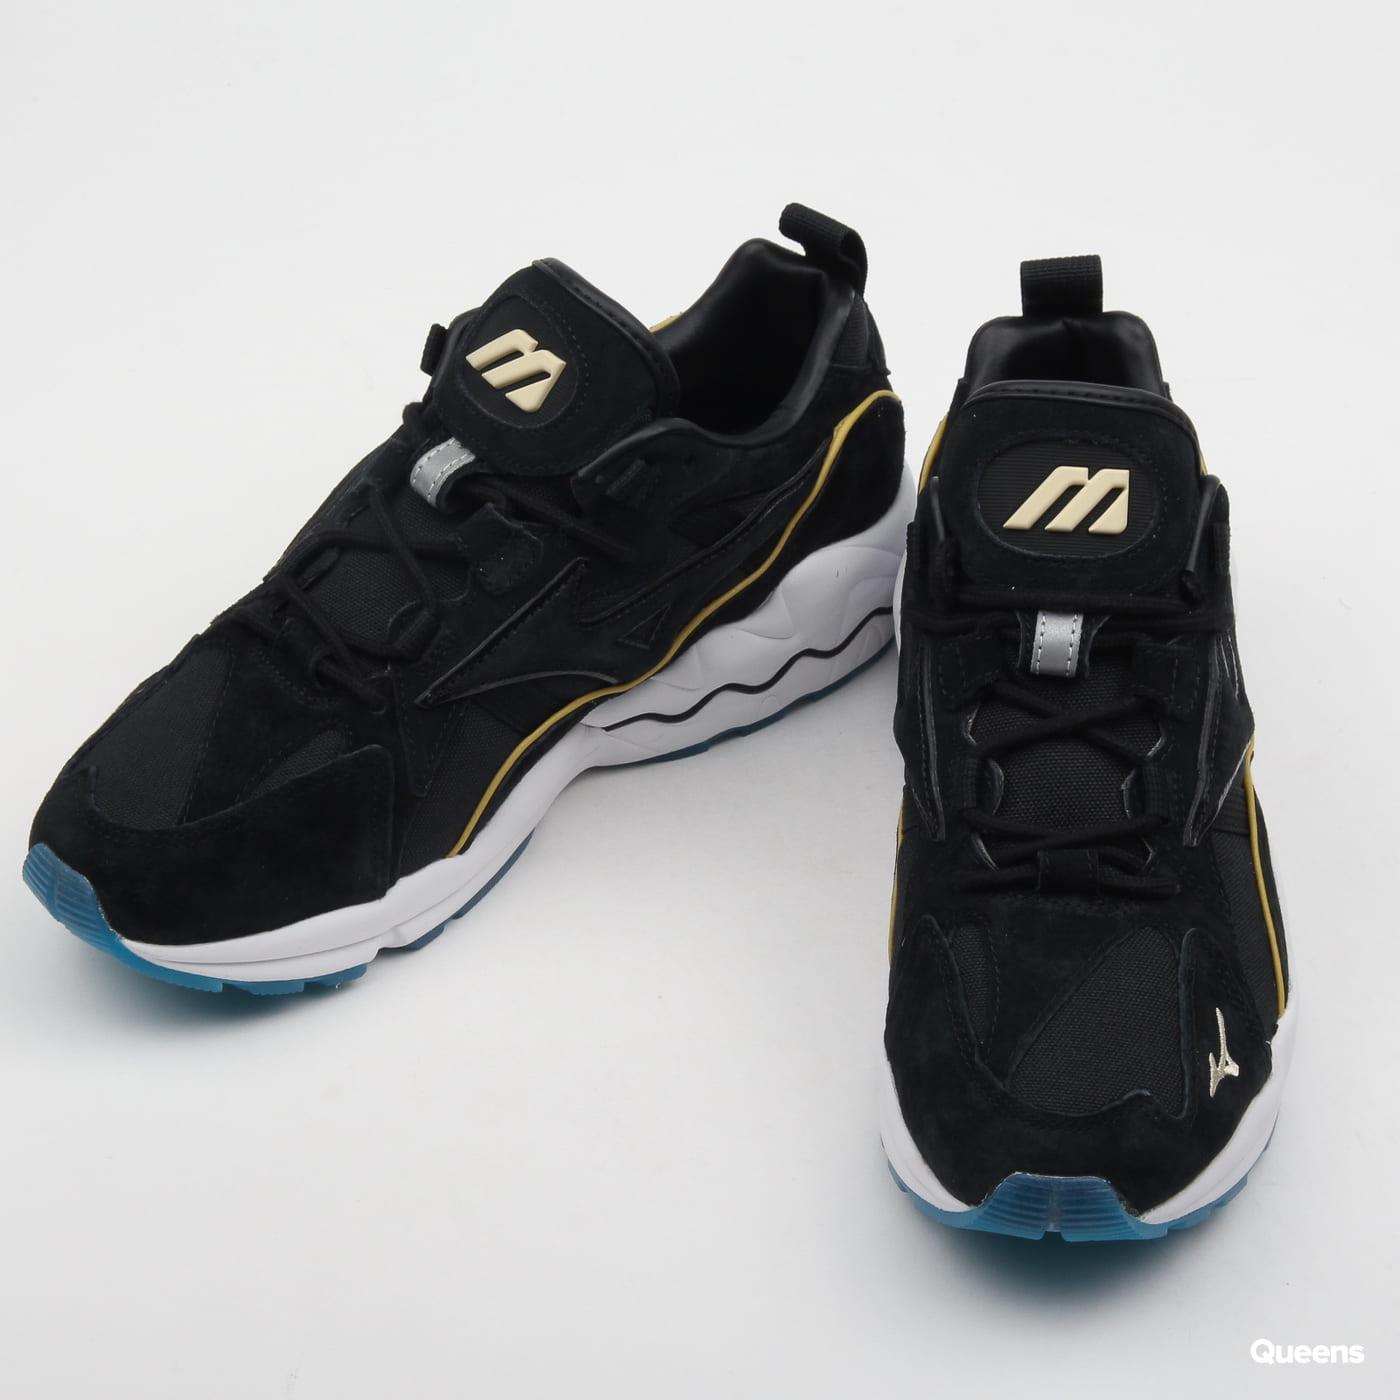 Mizuno Wave Rider 1 Premium black / black / wood ash